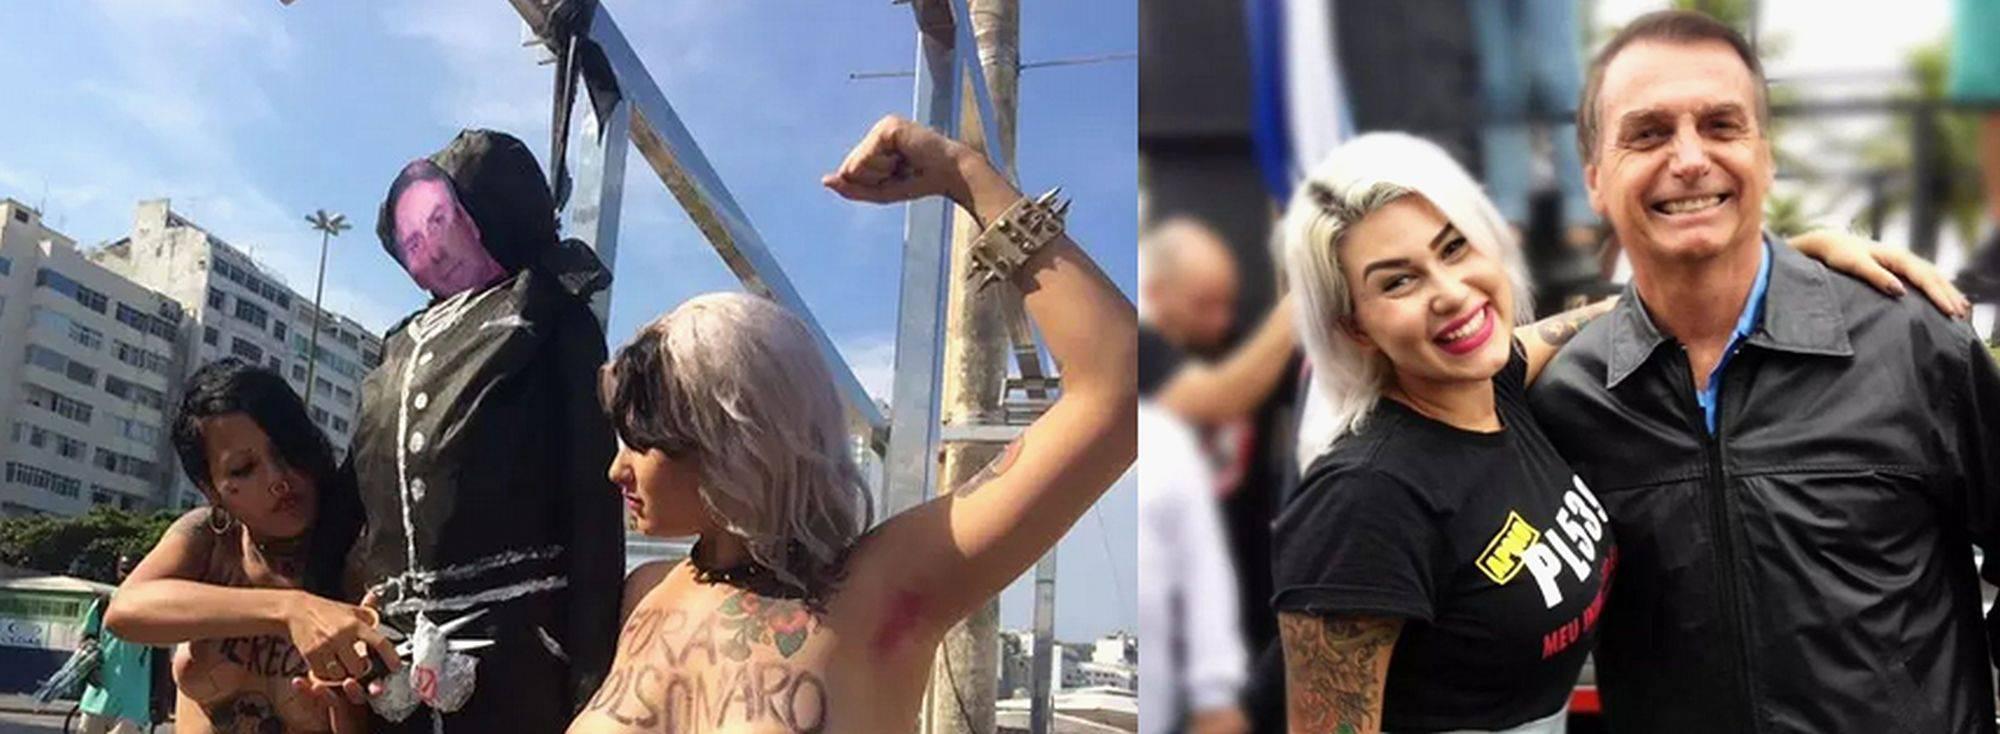 Sara Winter em protesto que simula castração de Bolsonaro e, depois, ao lado do presidente.